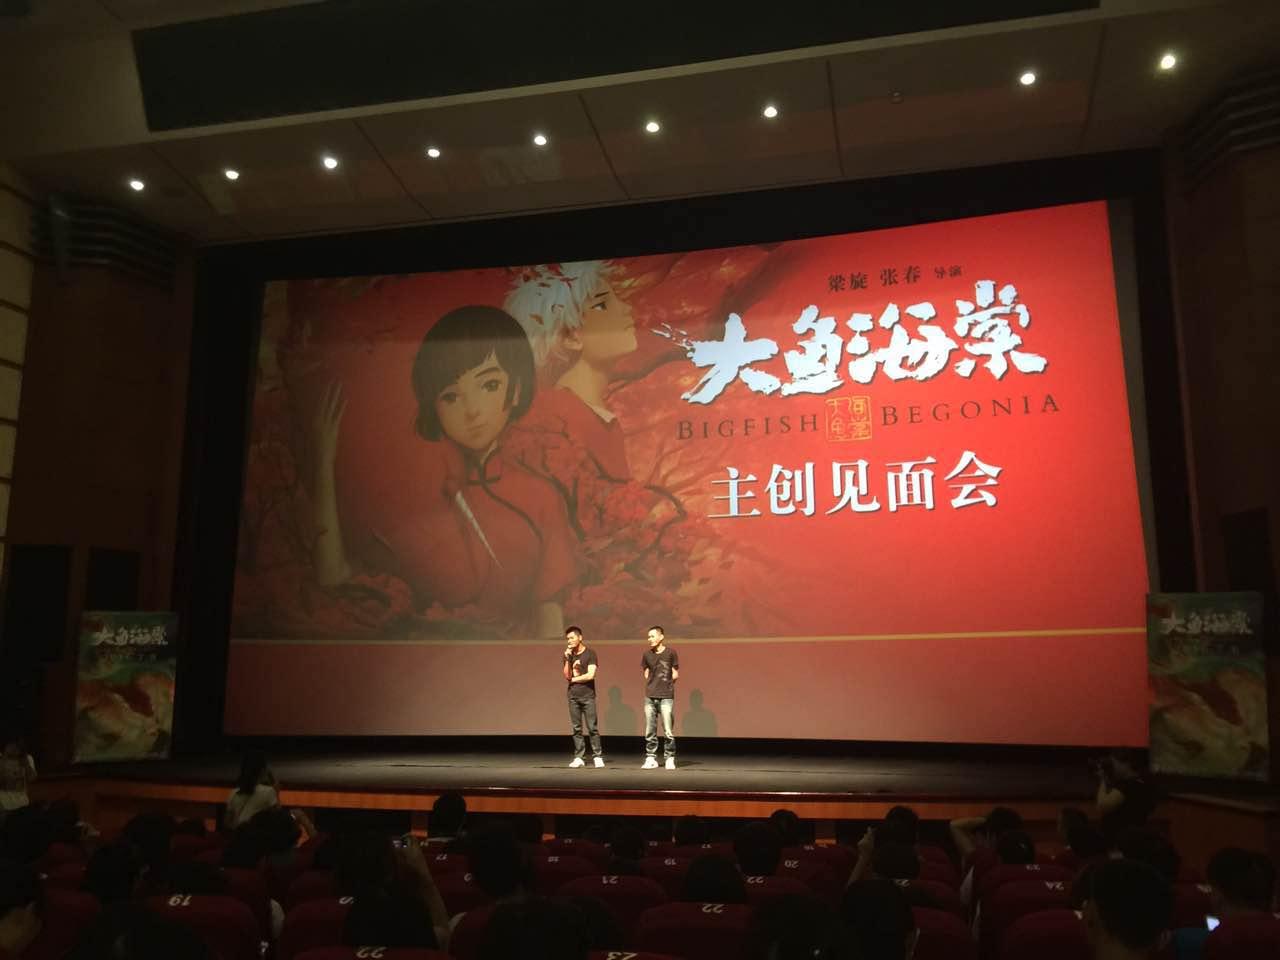 導演在深圳戲院與觀眾交流。李望賢 攝